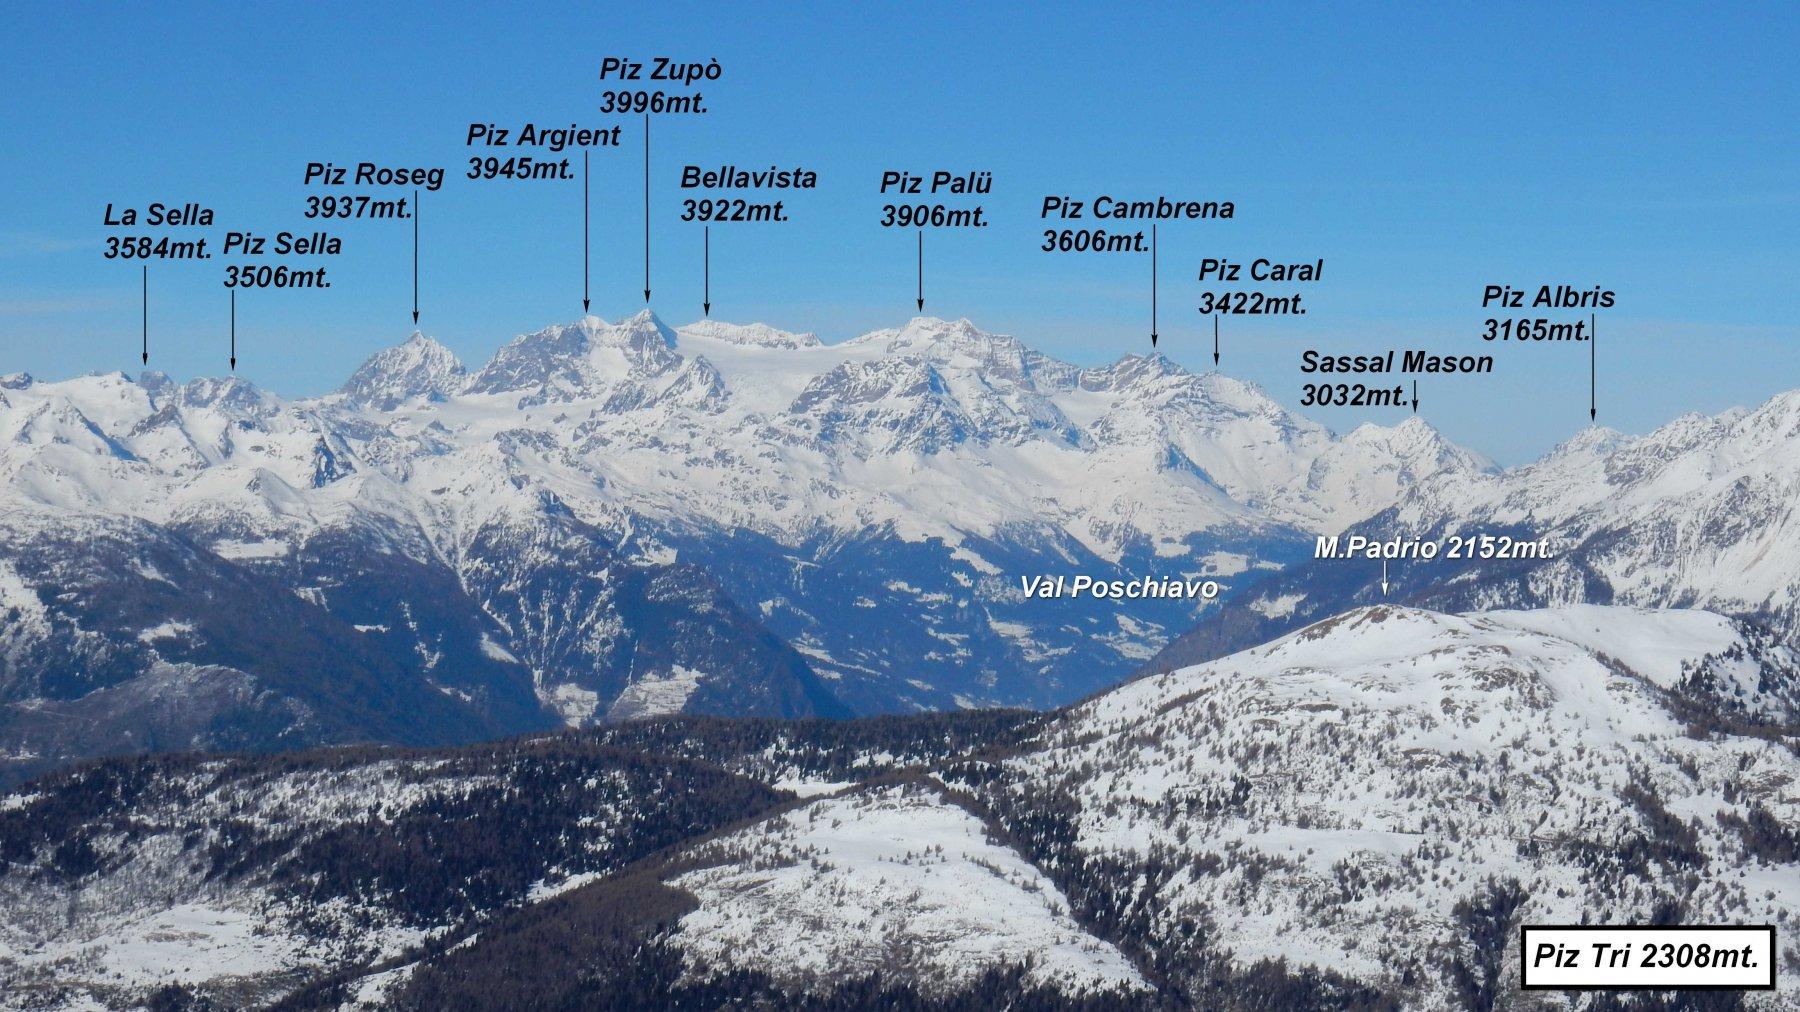 Panorama dal Piz Tri sul Gruppo Bernina. La cima del Piz Bernina però è oscurata dal Piz Zupò.